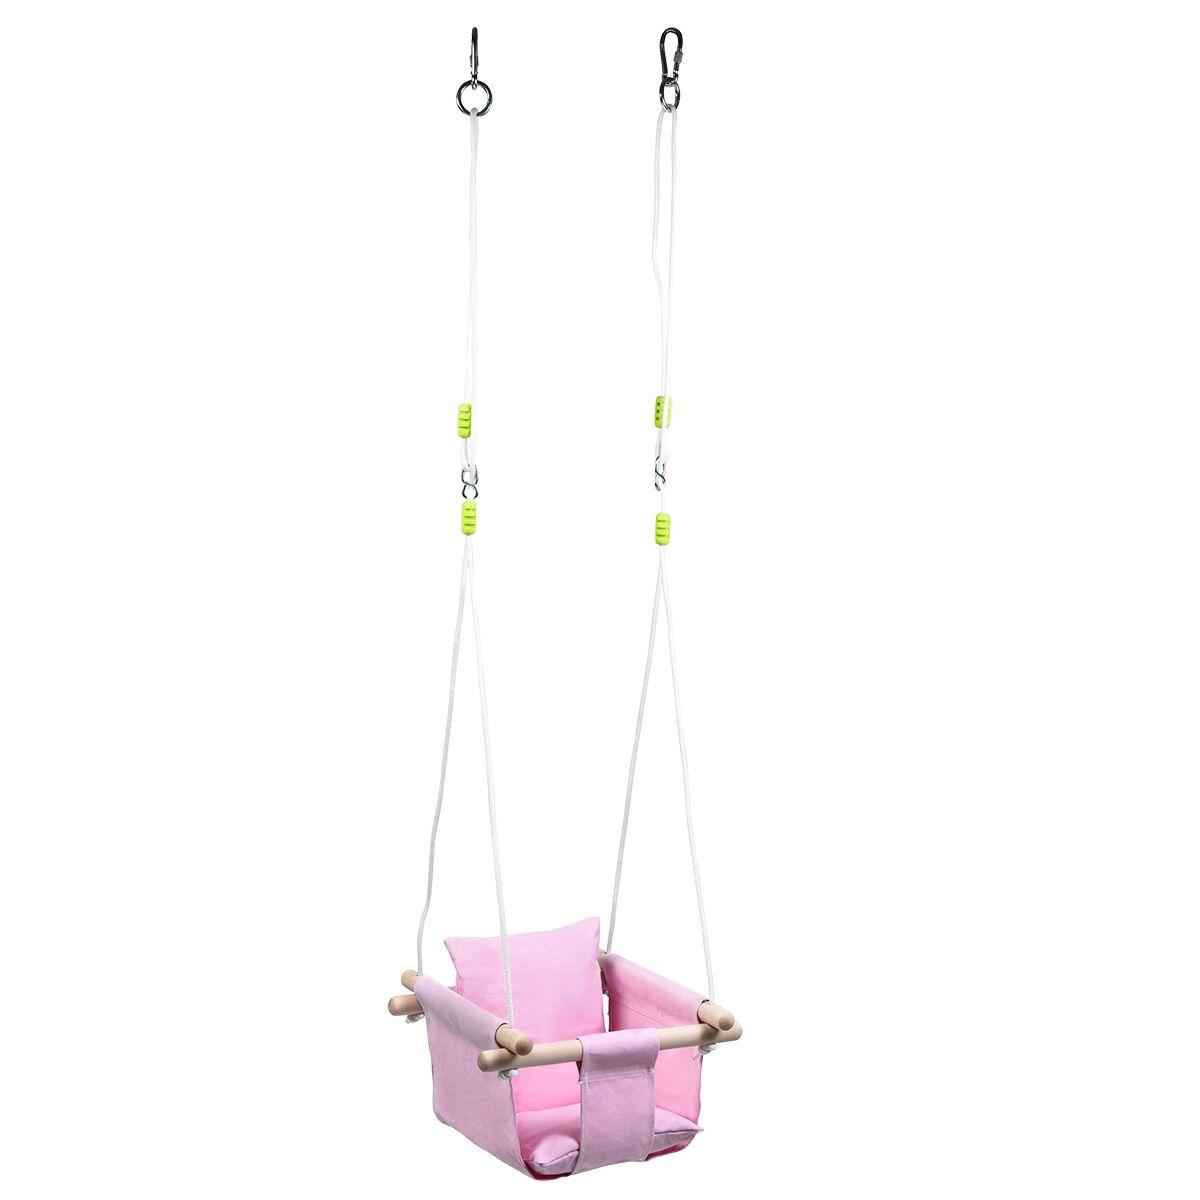 Costway Chaise Hamac Suspendu en Toile pour Bébé 6-36 Mois avec 2 Coussins Charge 60KG Corde Ajustable Rose